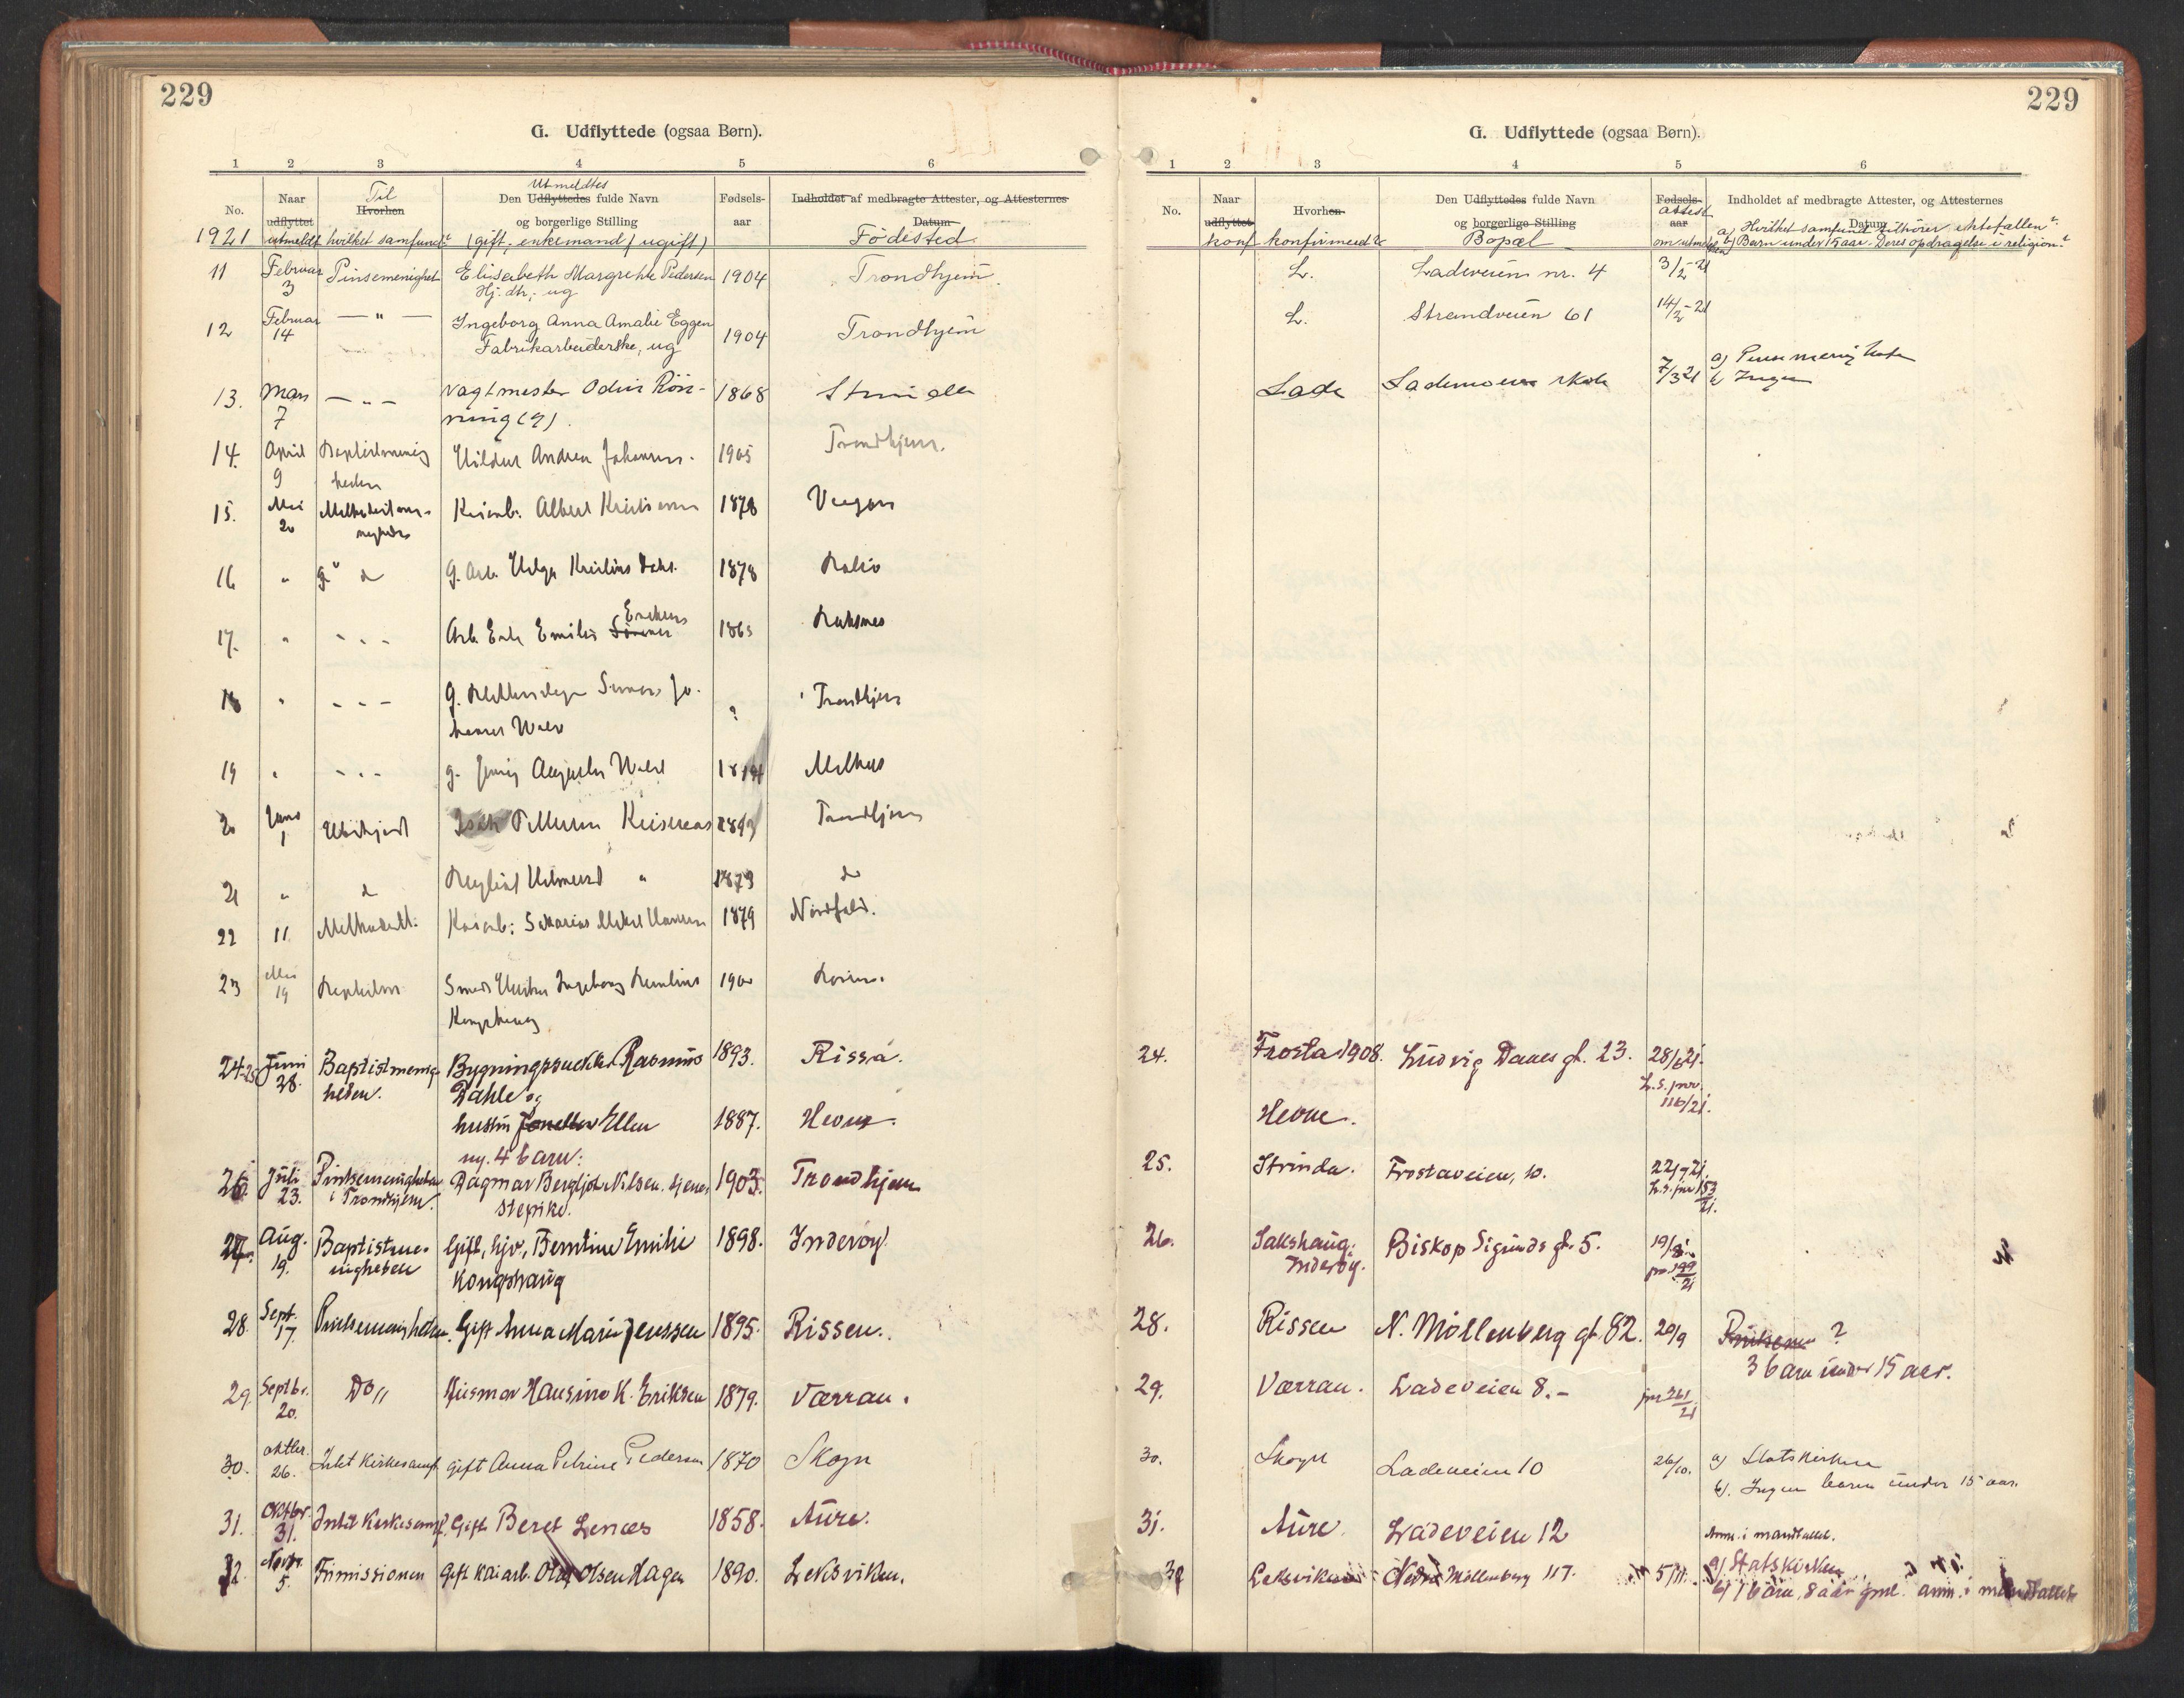 SAT, Ministerialprotokoller, klokkerbøker og fødselsregistre - Sør-Trøndelag, 605/L0244: Ministerialbok nr. 605A06, 1908-1954, s. 229